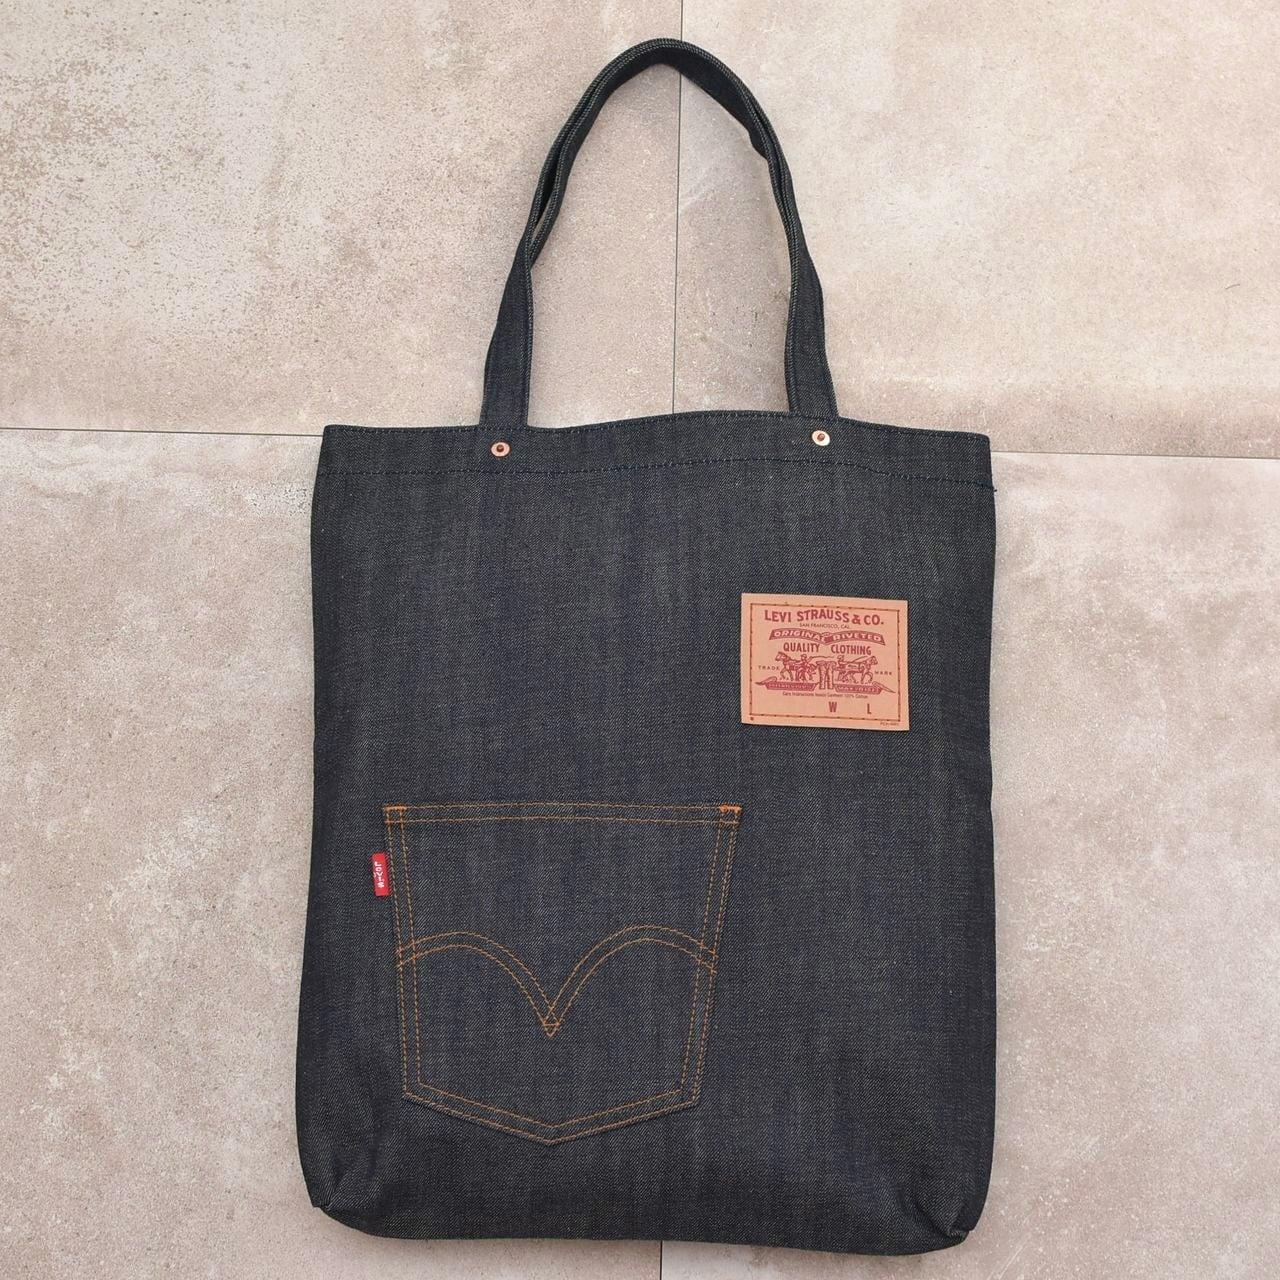 Levi's dark navy denim tote bag